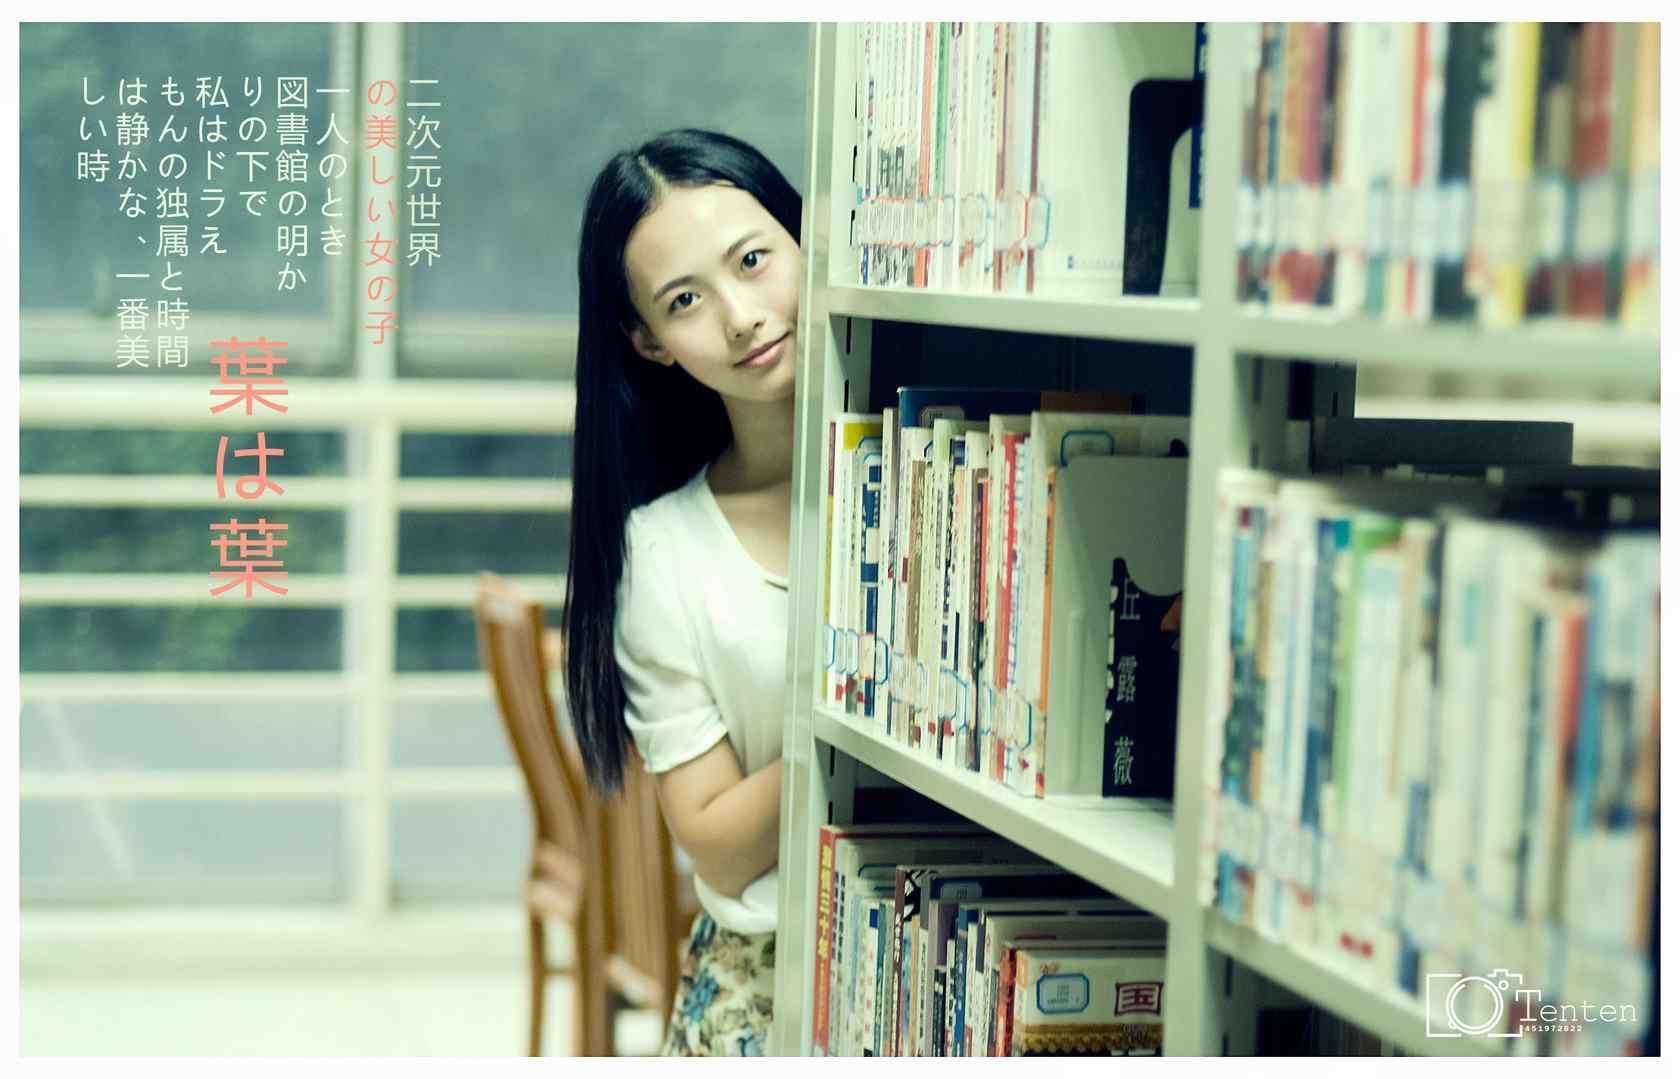 日本图书馆美女写真壁纸